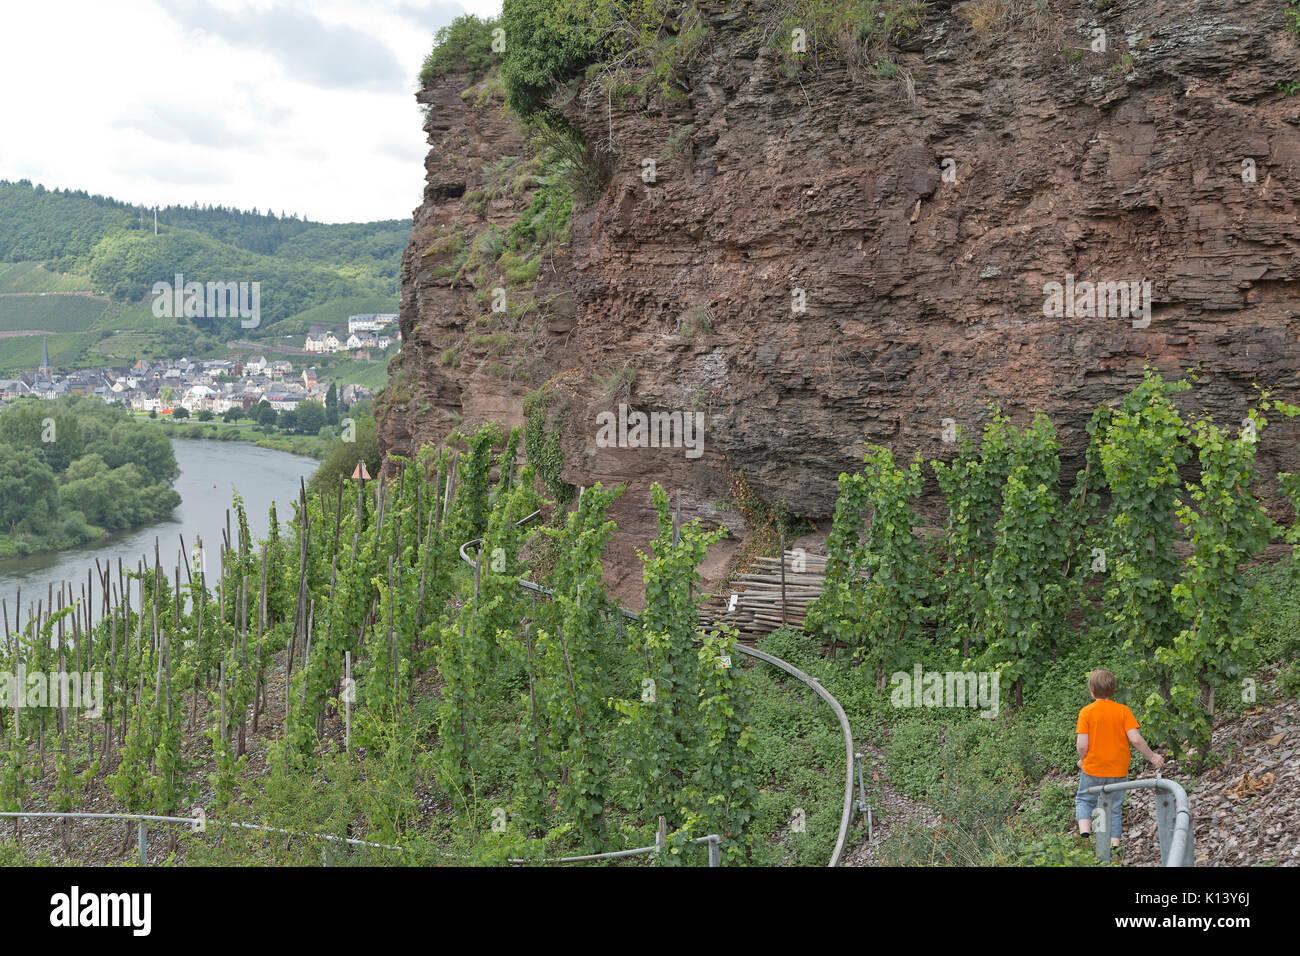 Klettersteig Mosel : Junge auf klettersteig uerzig mosel rheinland pfalz